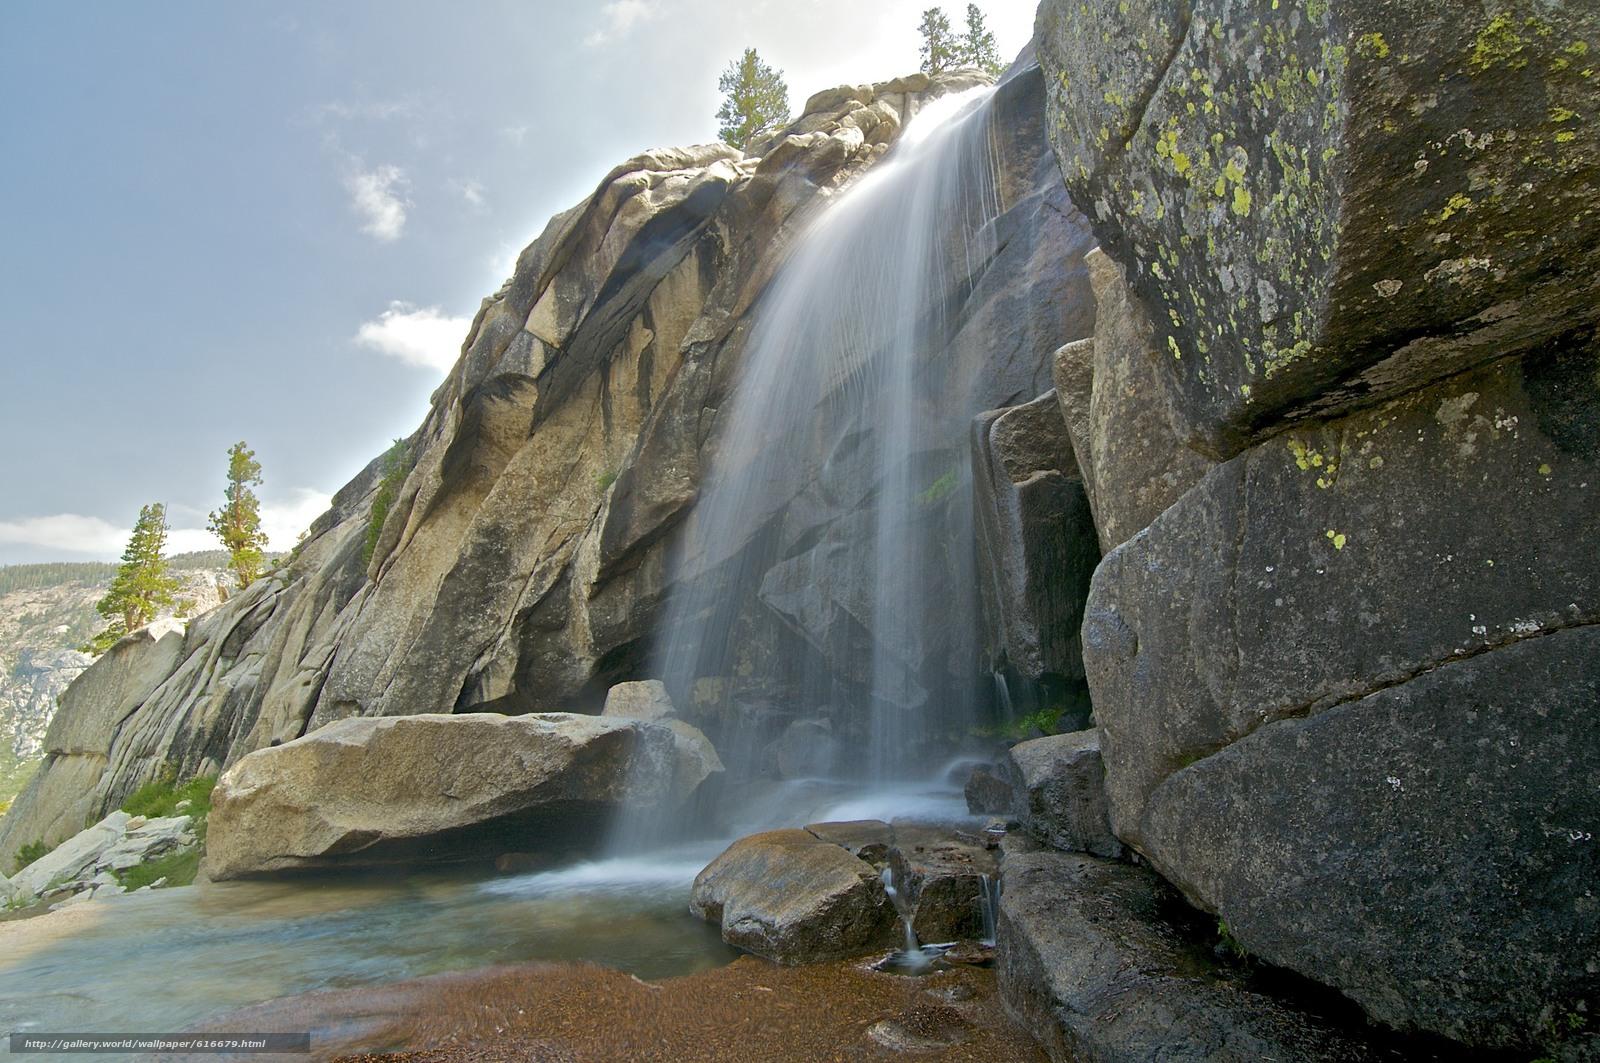 下载壁纸 河源,  默塞德河,  优胜美地国家公园,  加州 免费为您的桌面分辨率的壁纸 2144x1424 — 图片 №616679